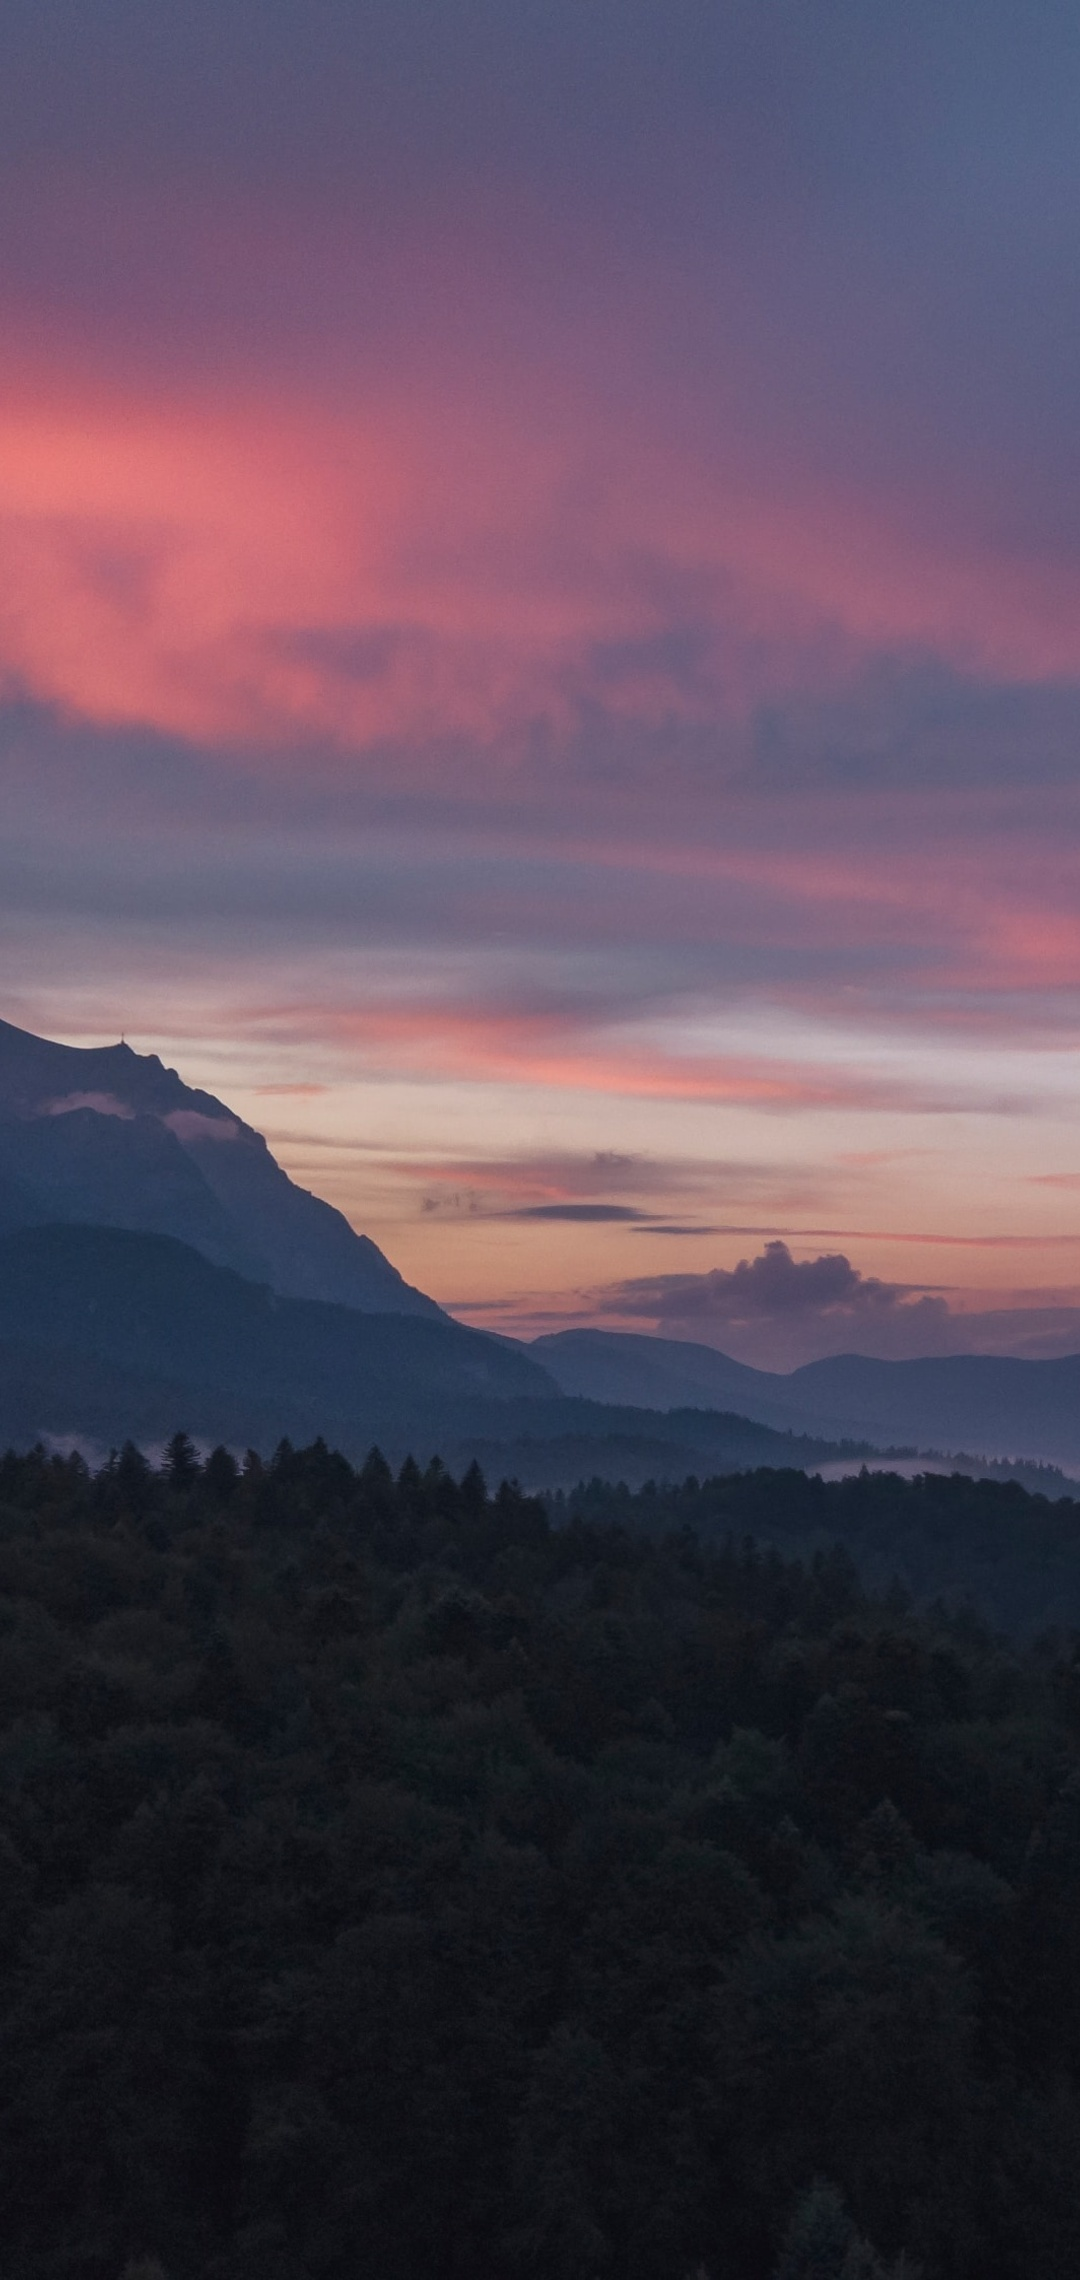 silhouette-trees-sunset-bj.jpg